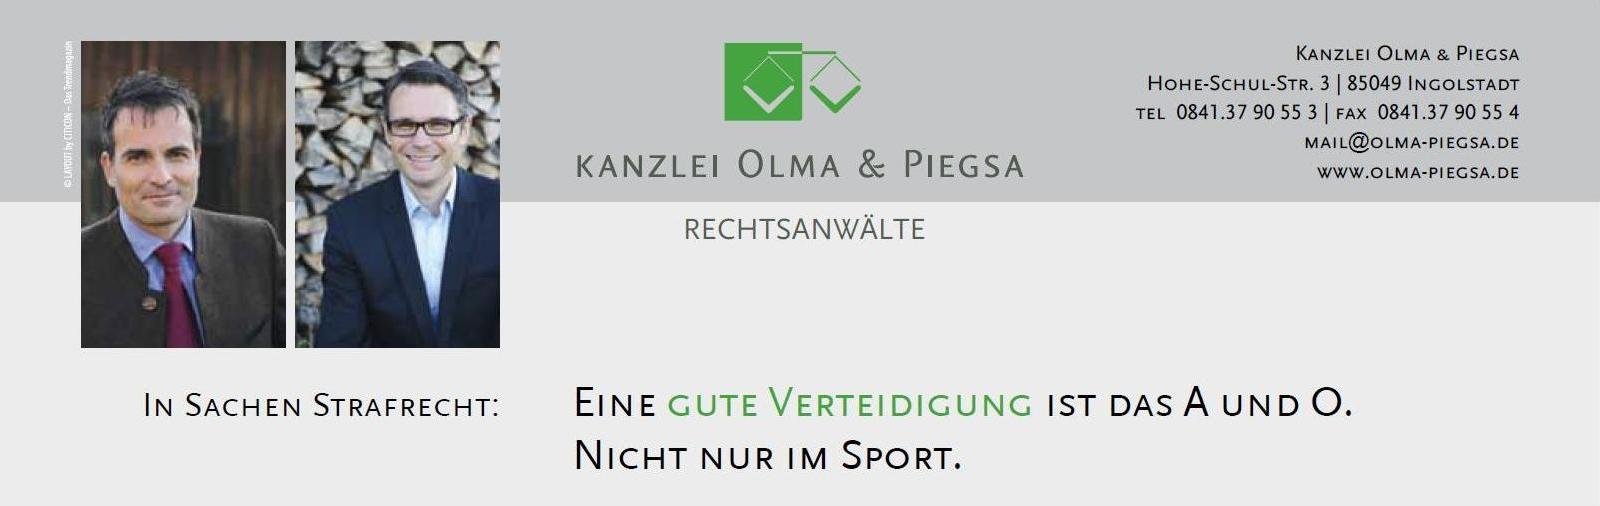 verteidigung-sport